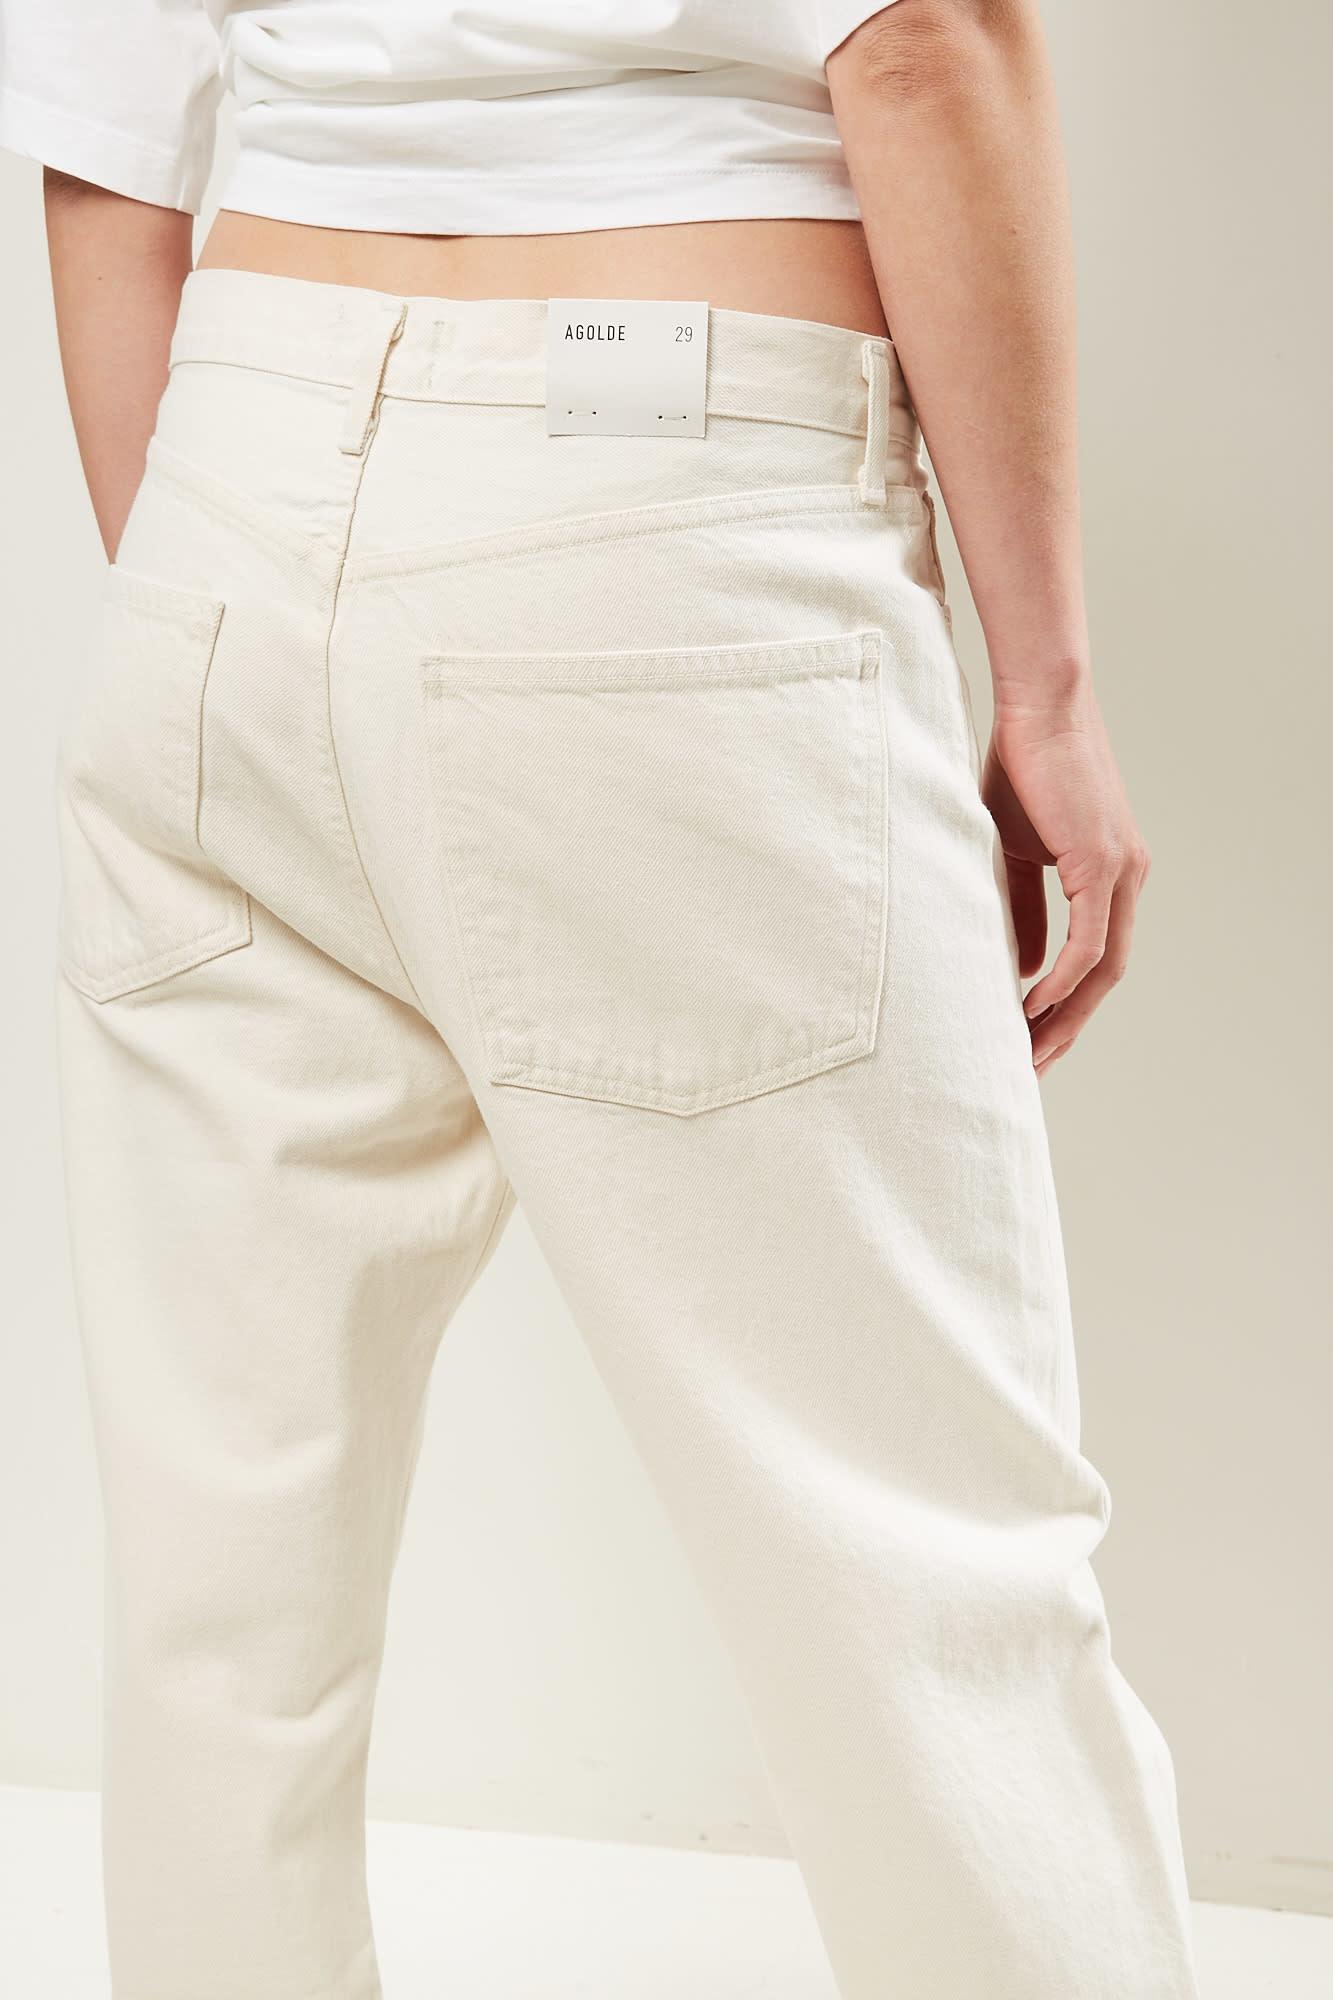 Paper 90's fit jeans